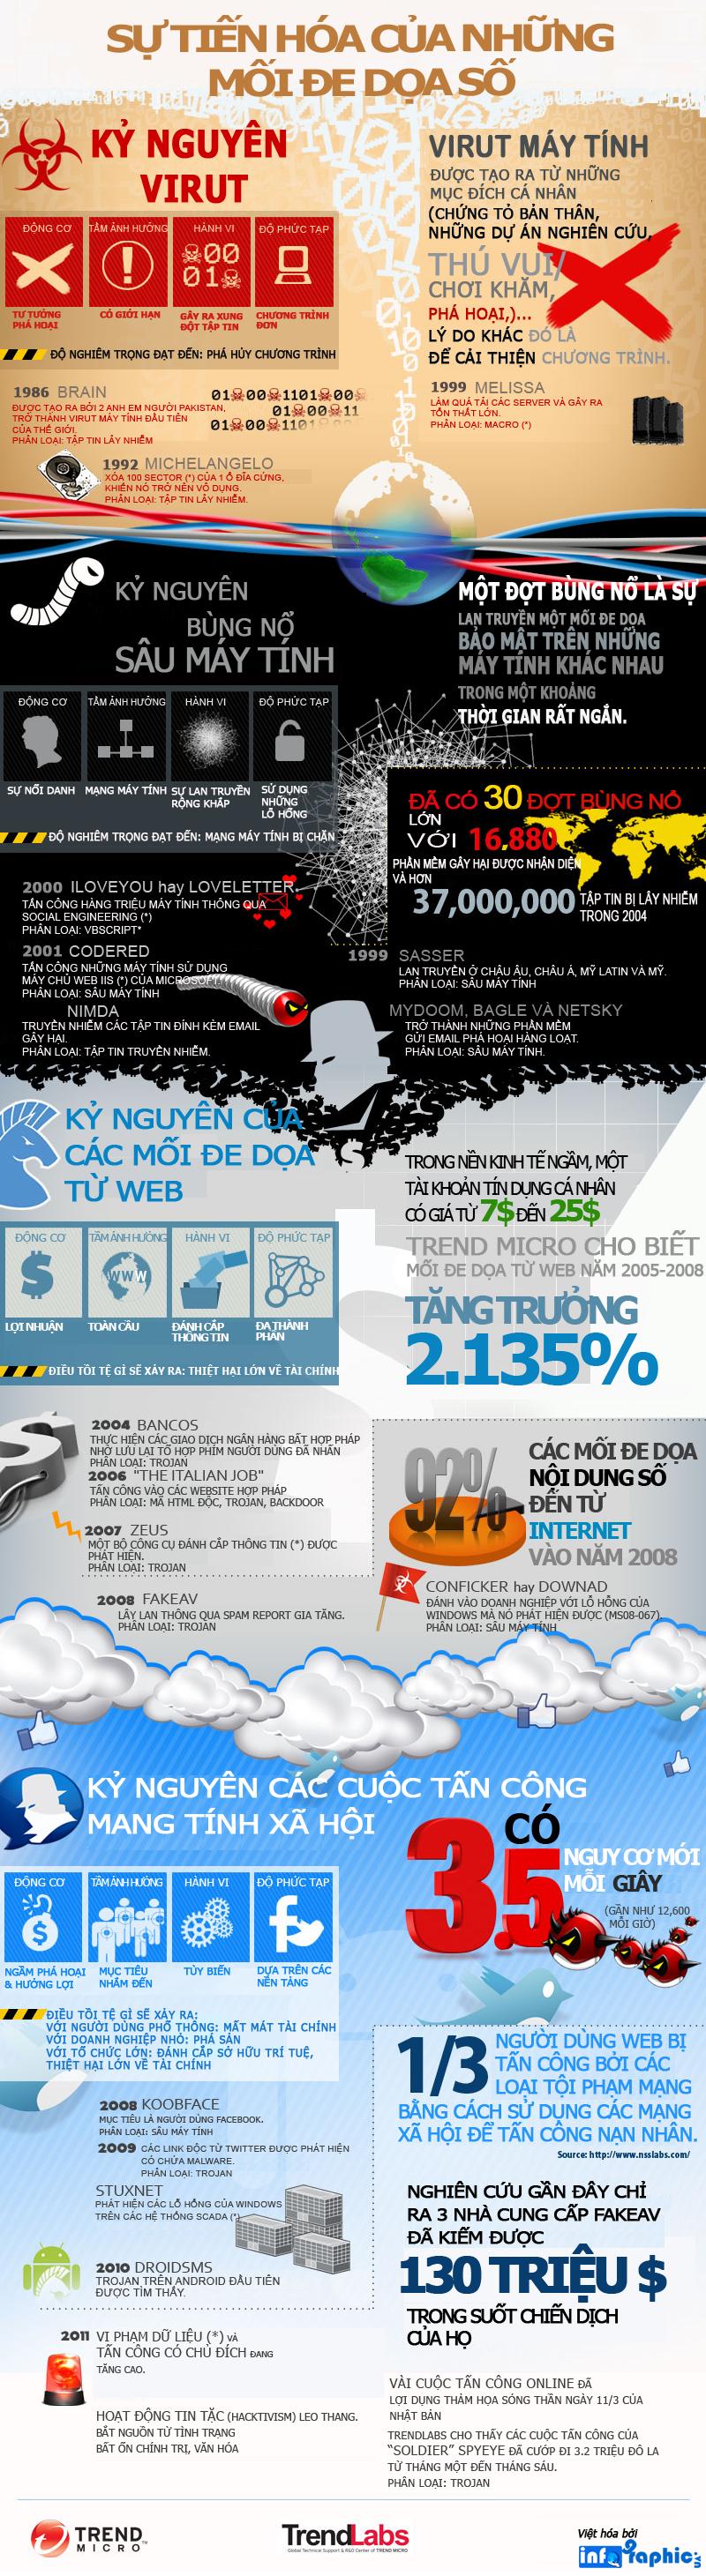 Infographic - Virut Máy Tính